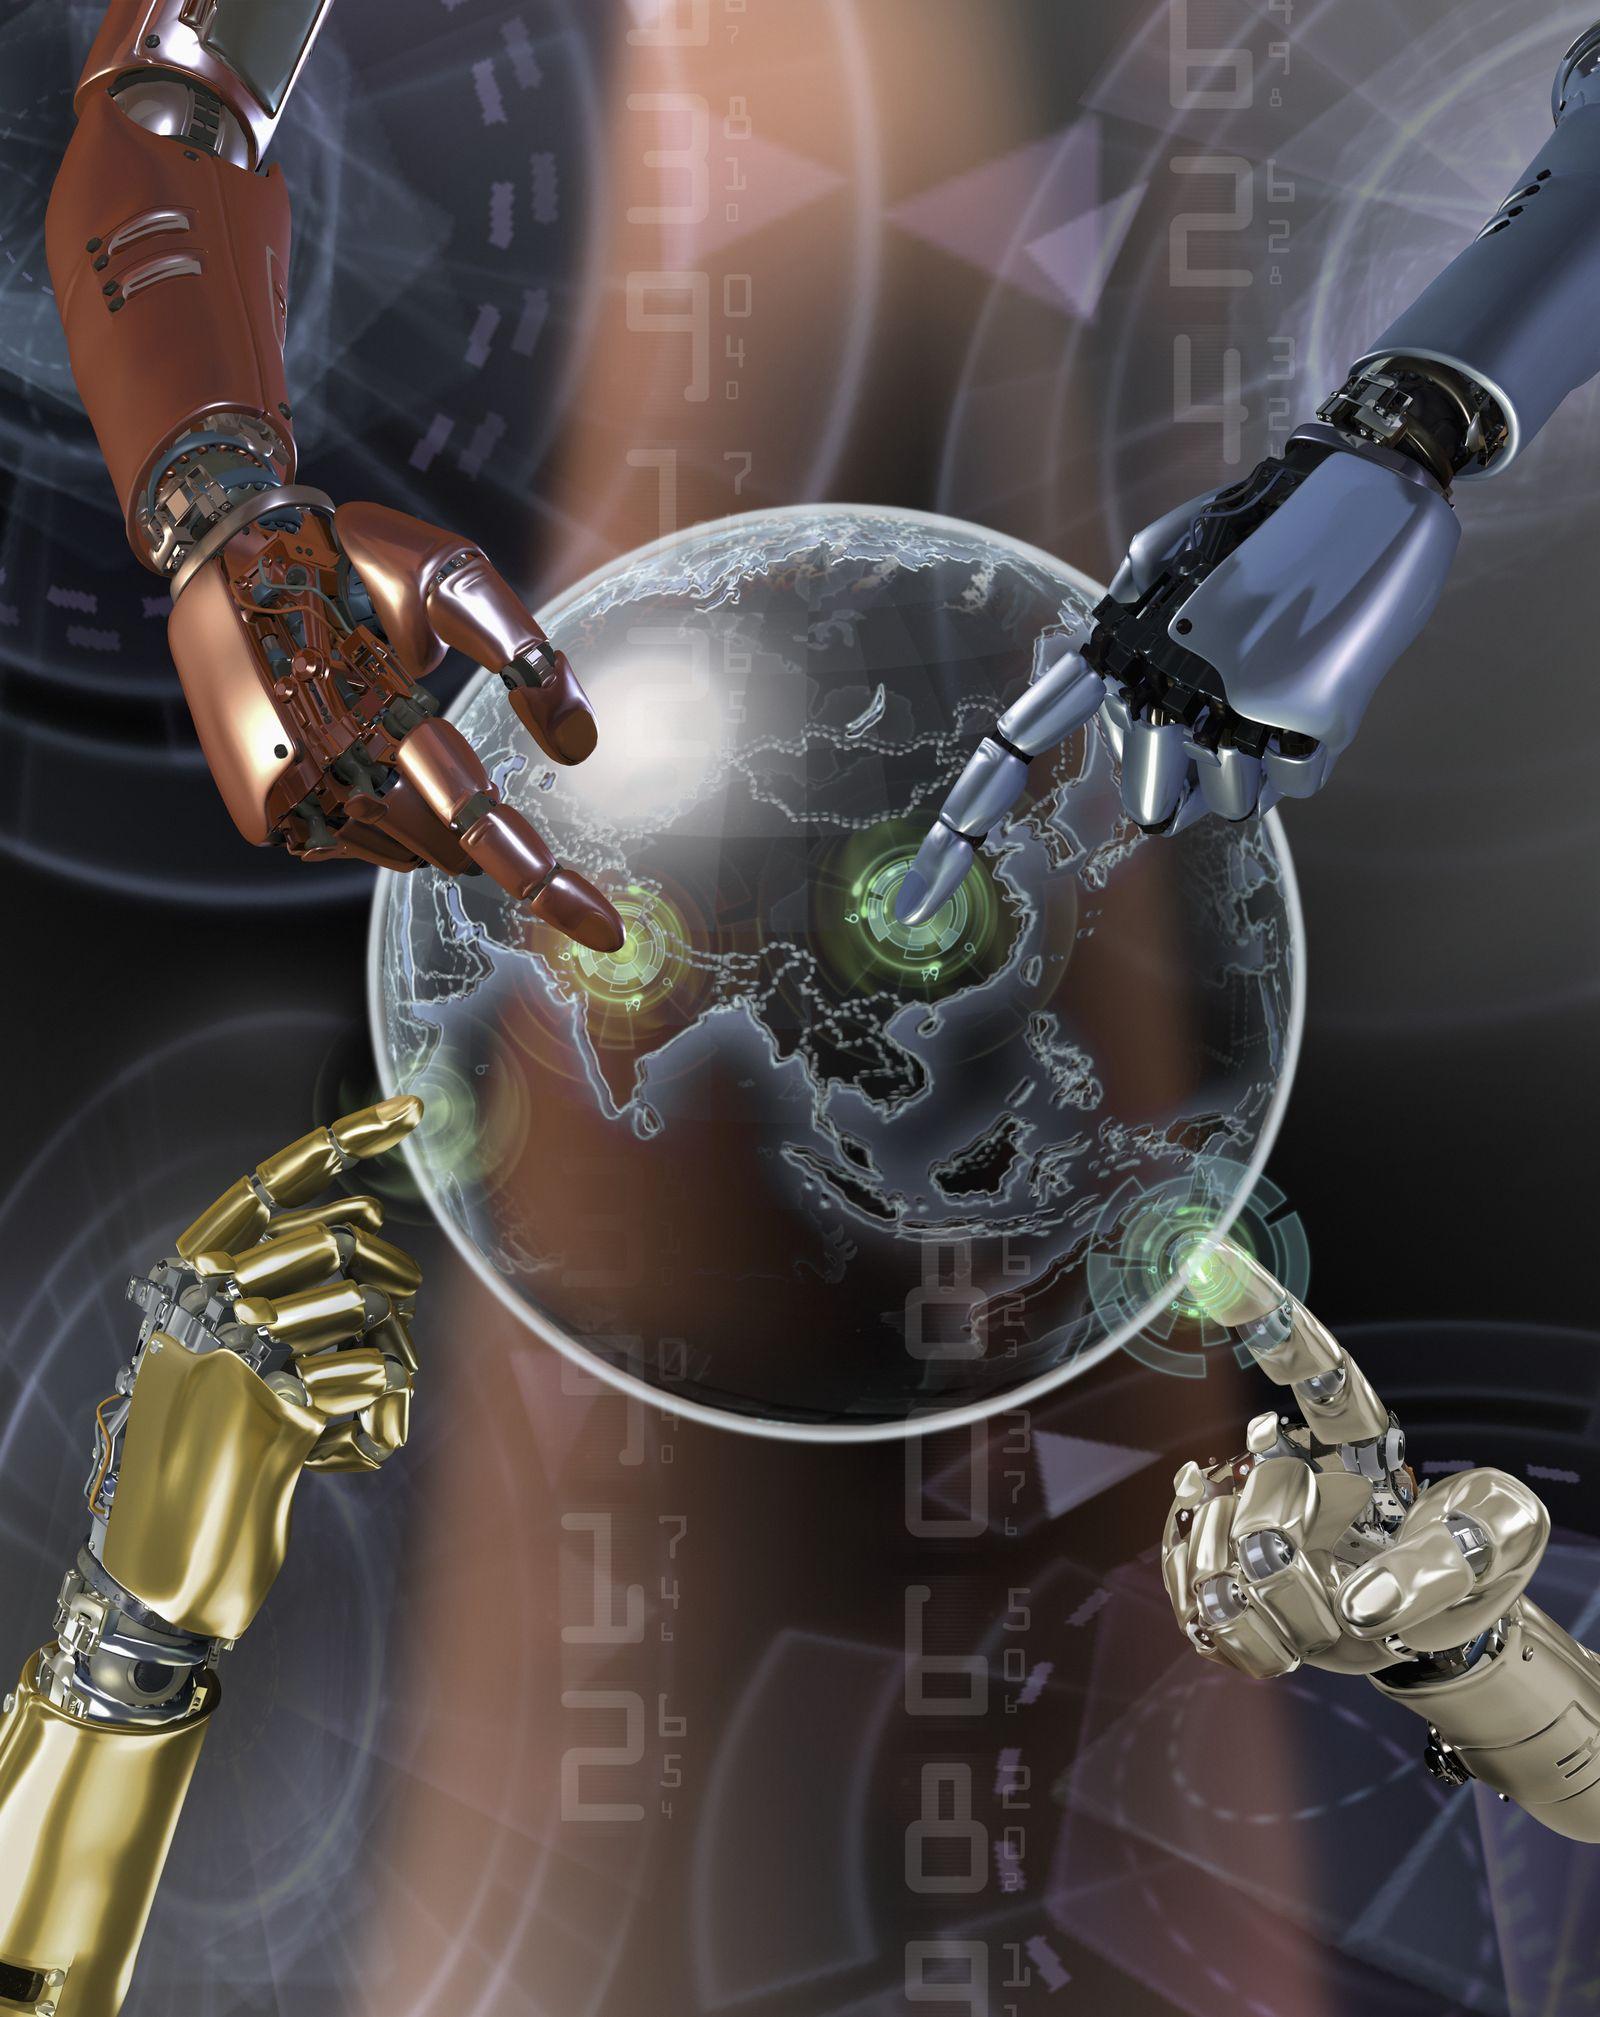 NICHT MEHR VERWENDEN! - Symbolbild Roboter / Digitale Zukunft